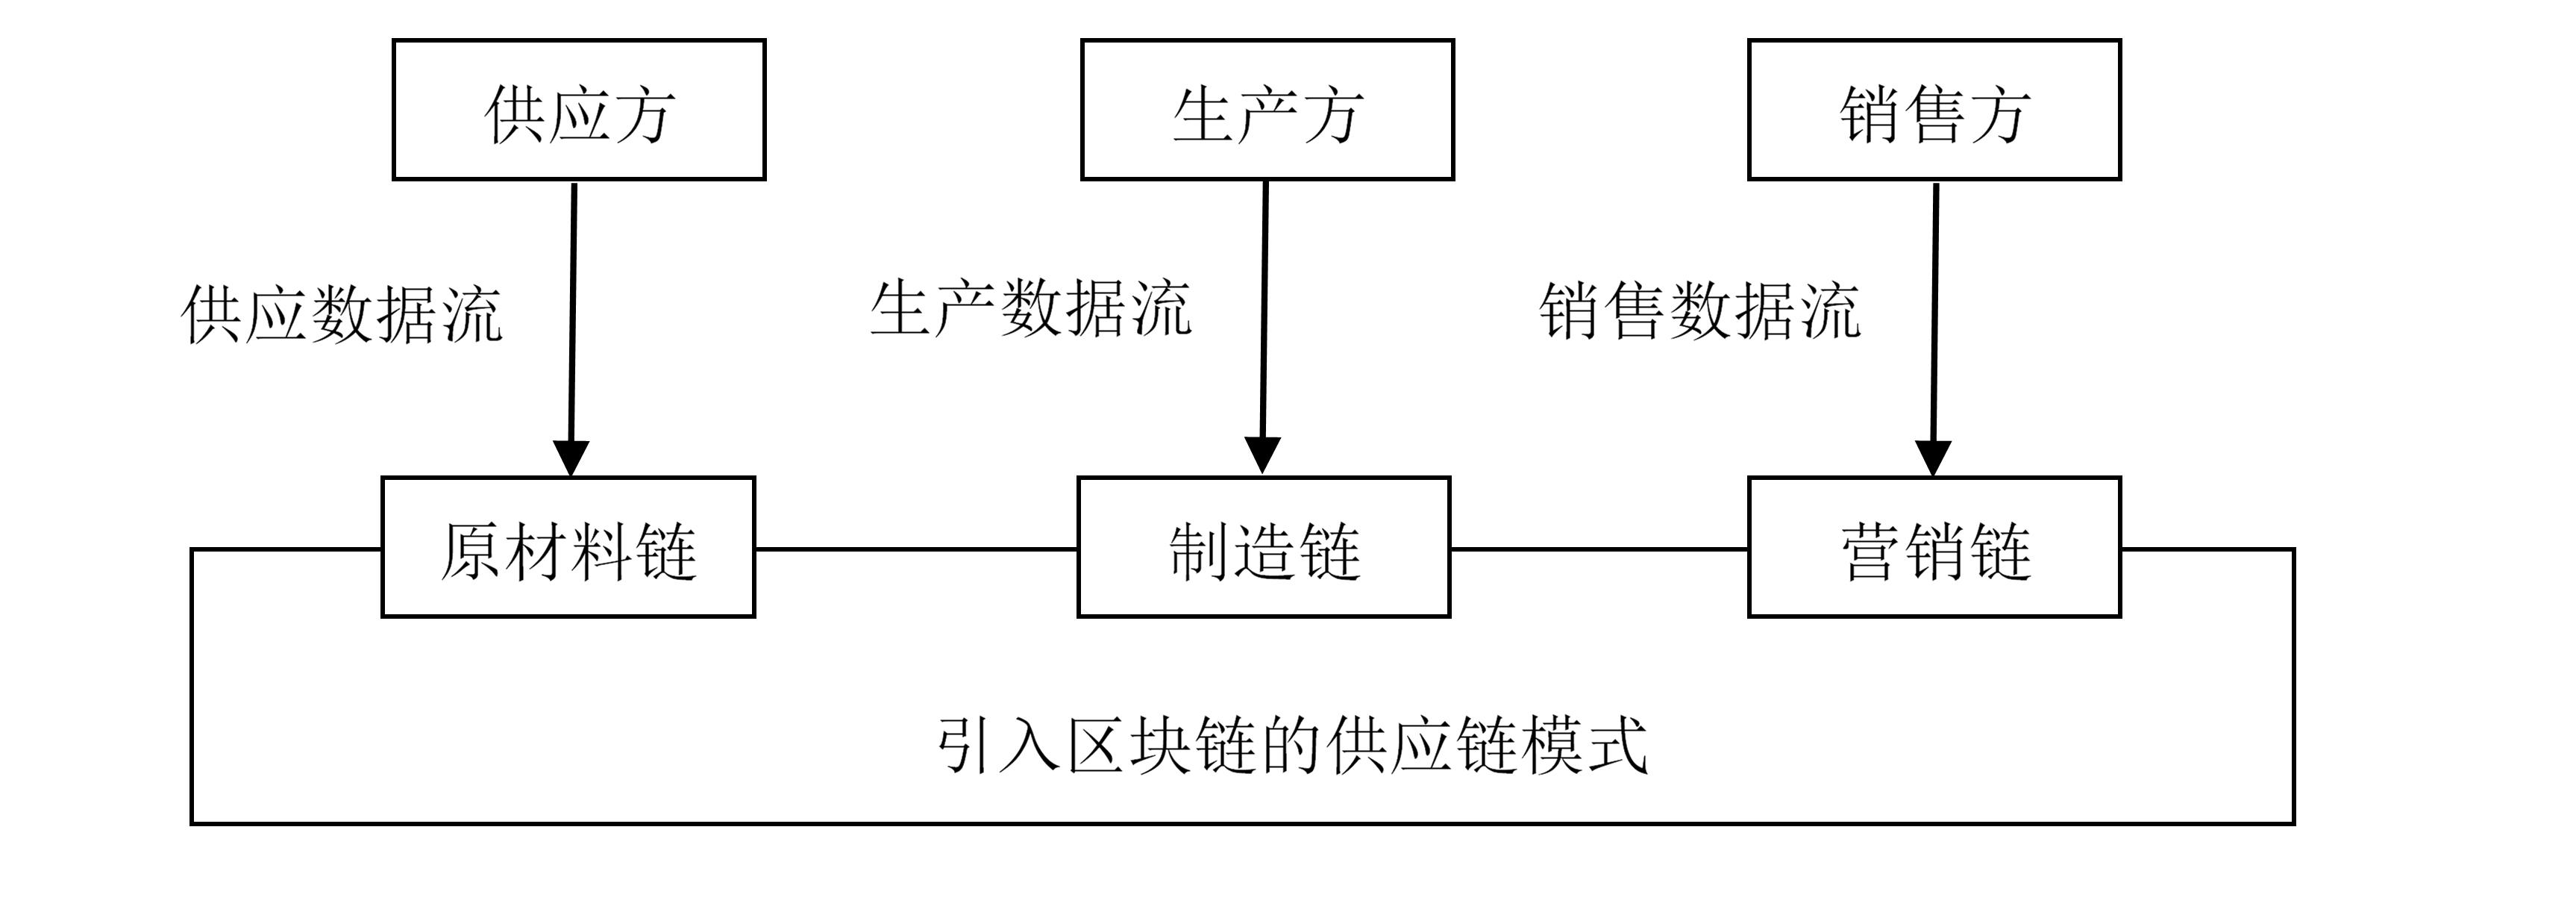 杨望:区块链技术与供应链金融生态重塑